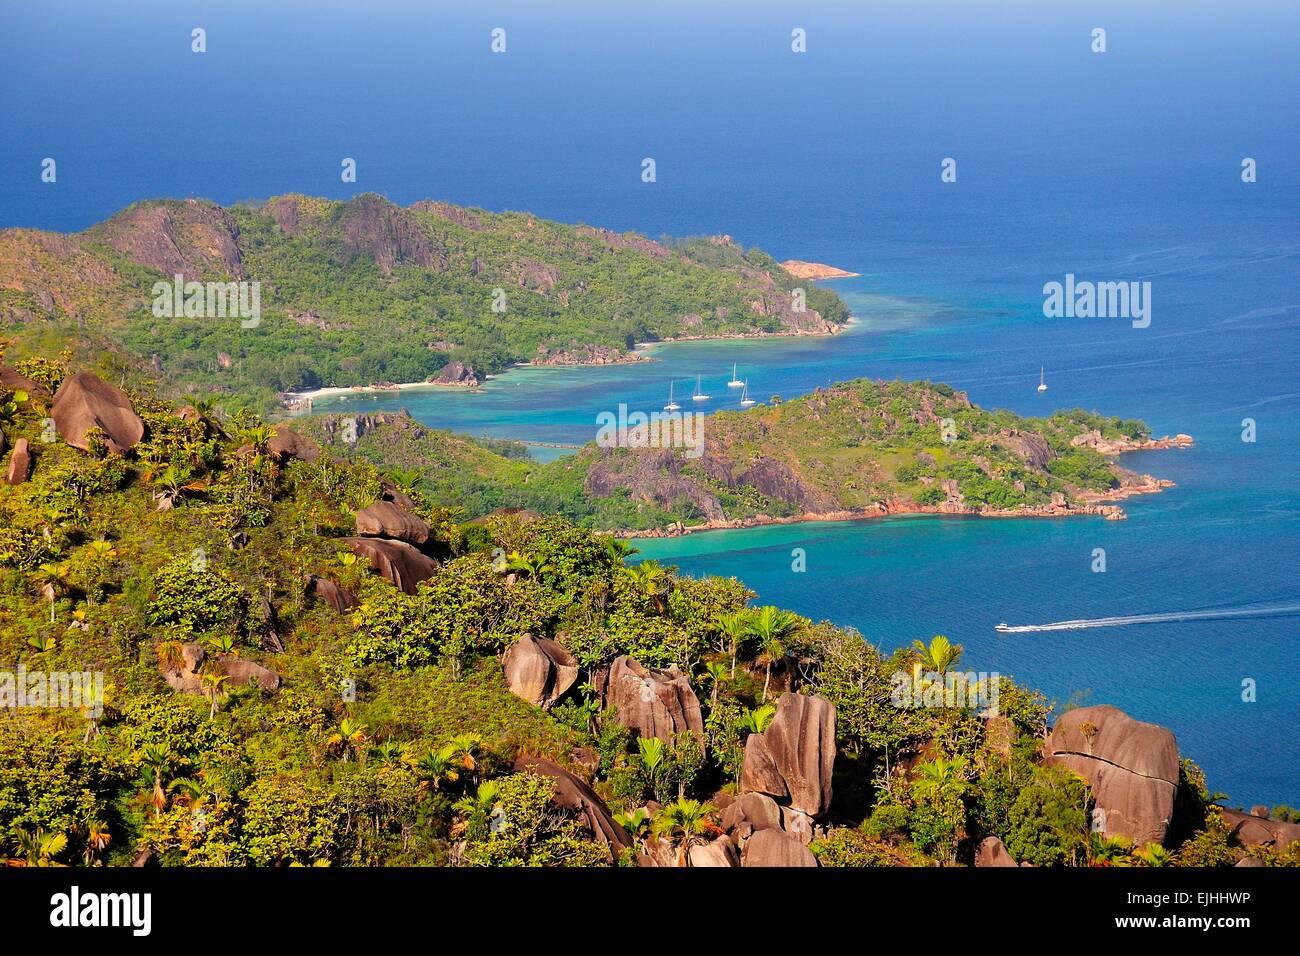 Vue depuis le Grand Fond, la montagne de la baie d'Anse Lazio, Praslin Island, Seychelles Photo Stock